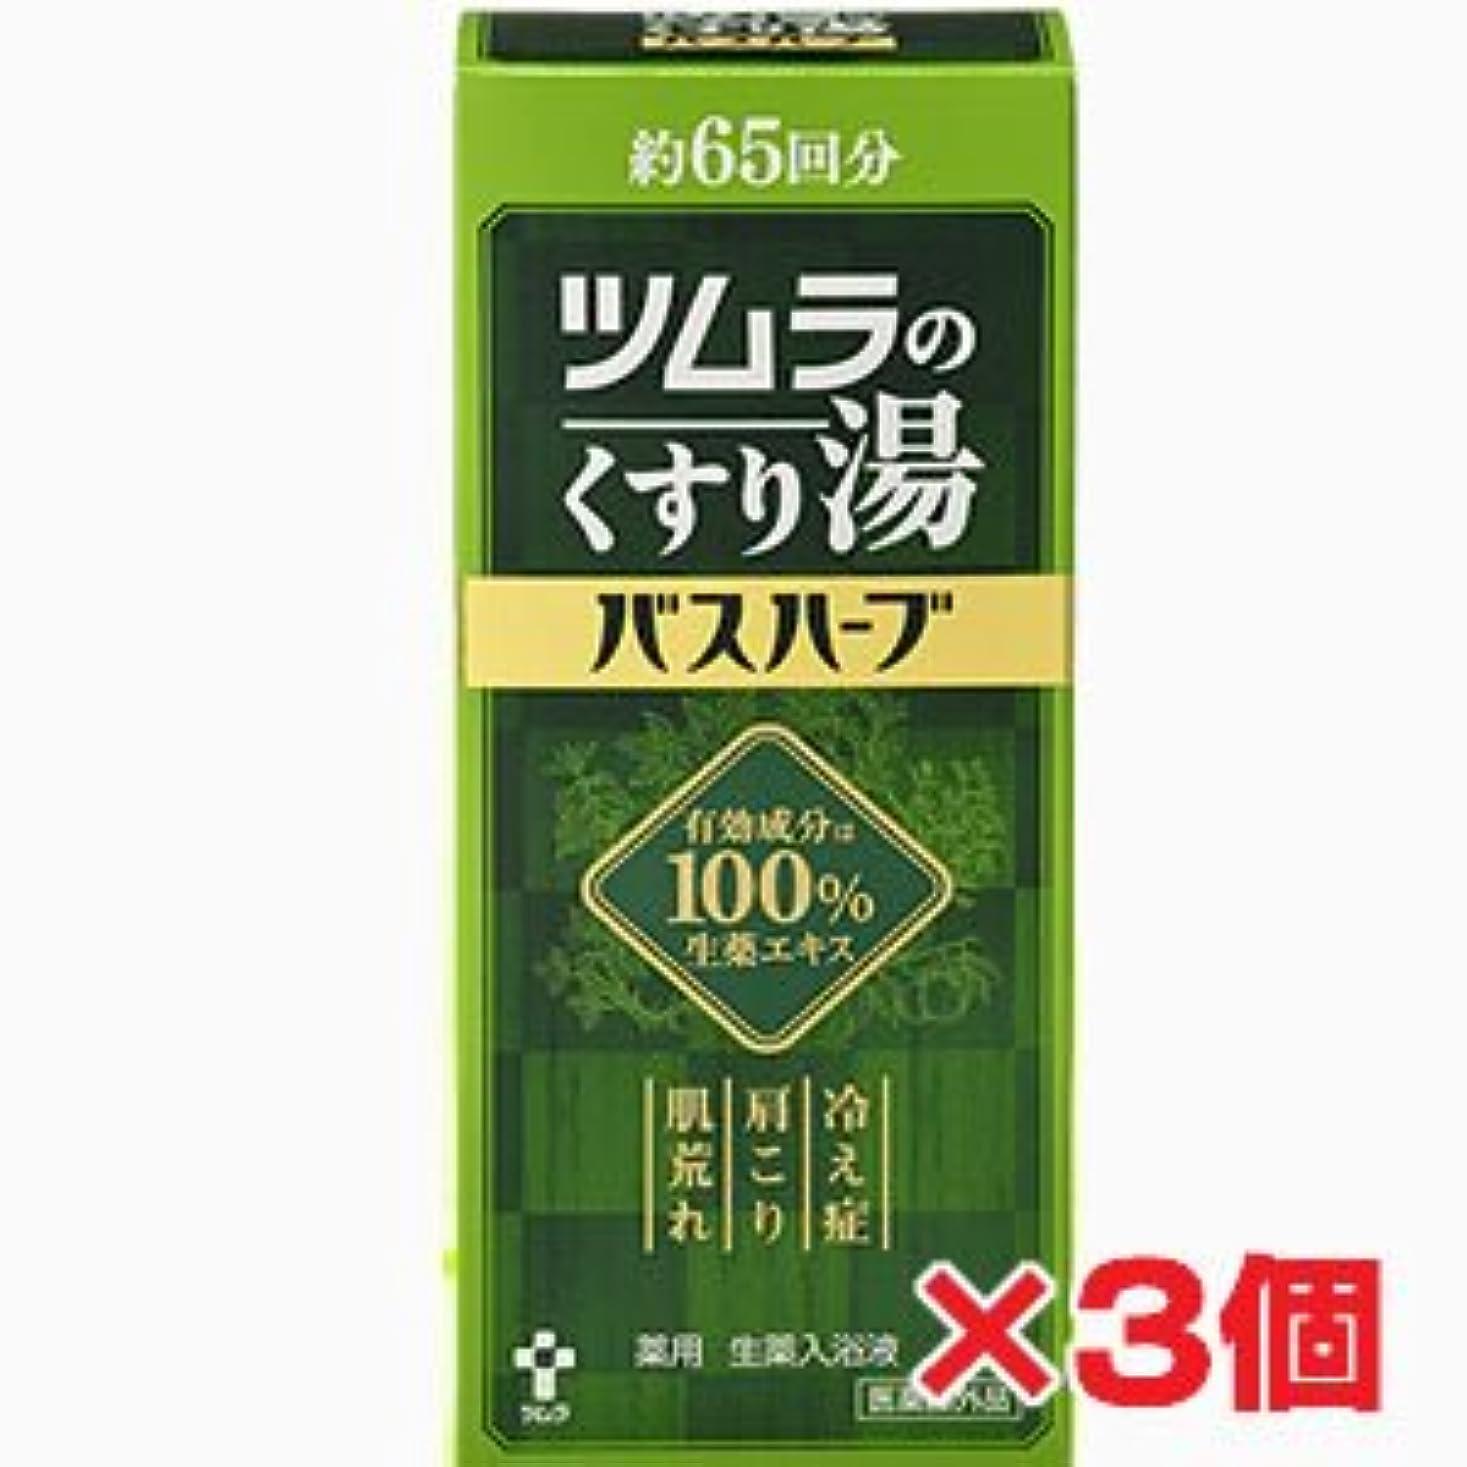 ファイル夜明けにハンドブック【3本】ツムラのくすり湯 バスハーブ 650ml×3本